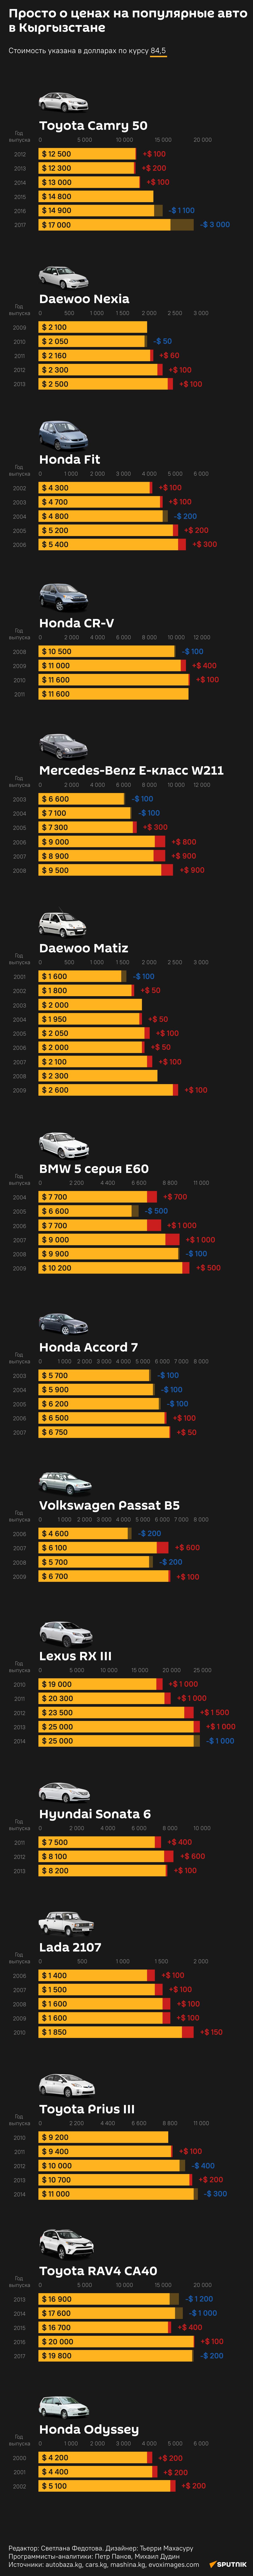 Цены на самые продаваемые машины в КР